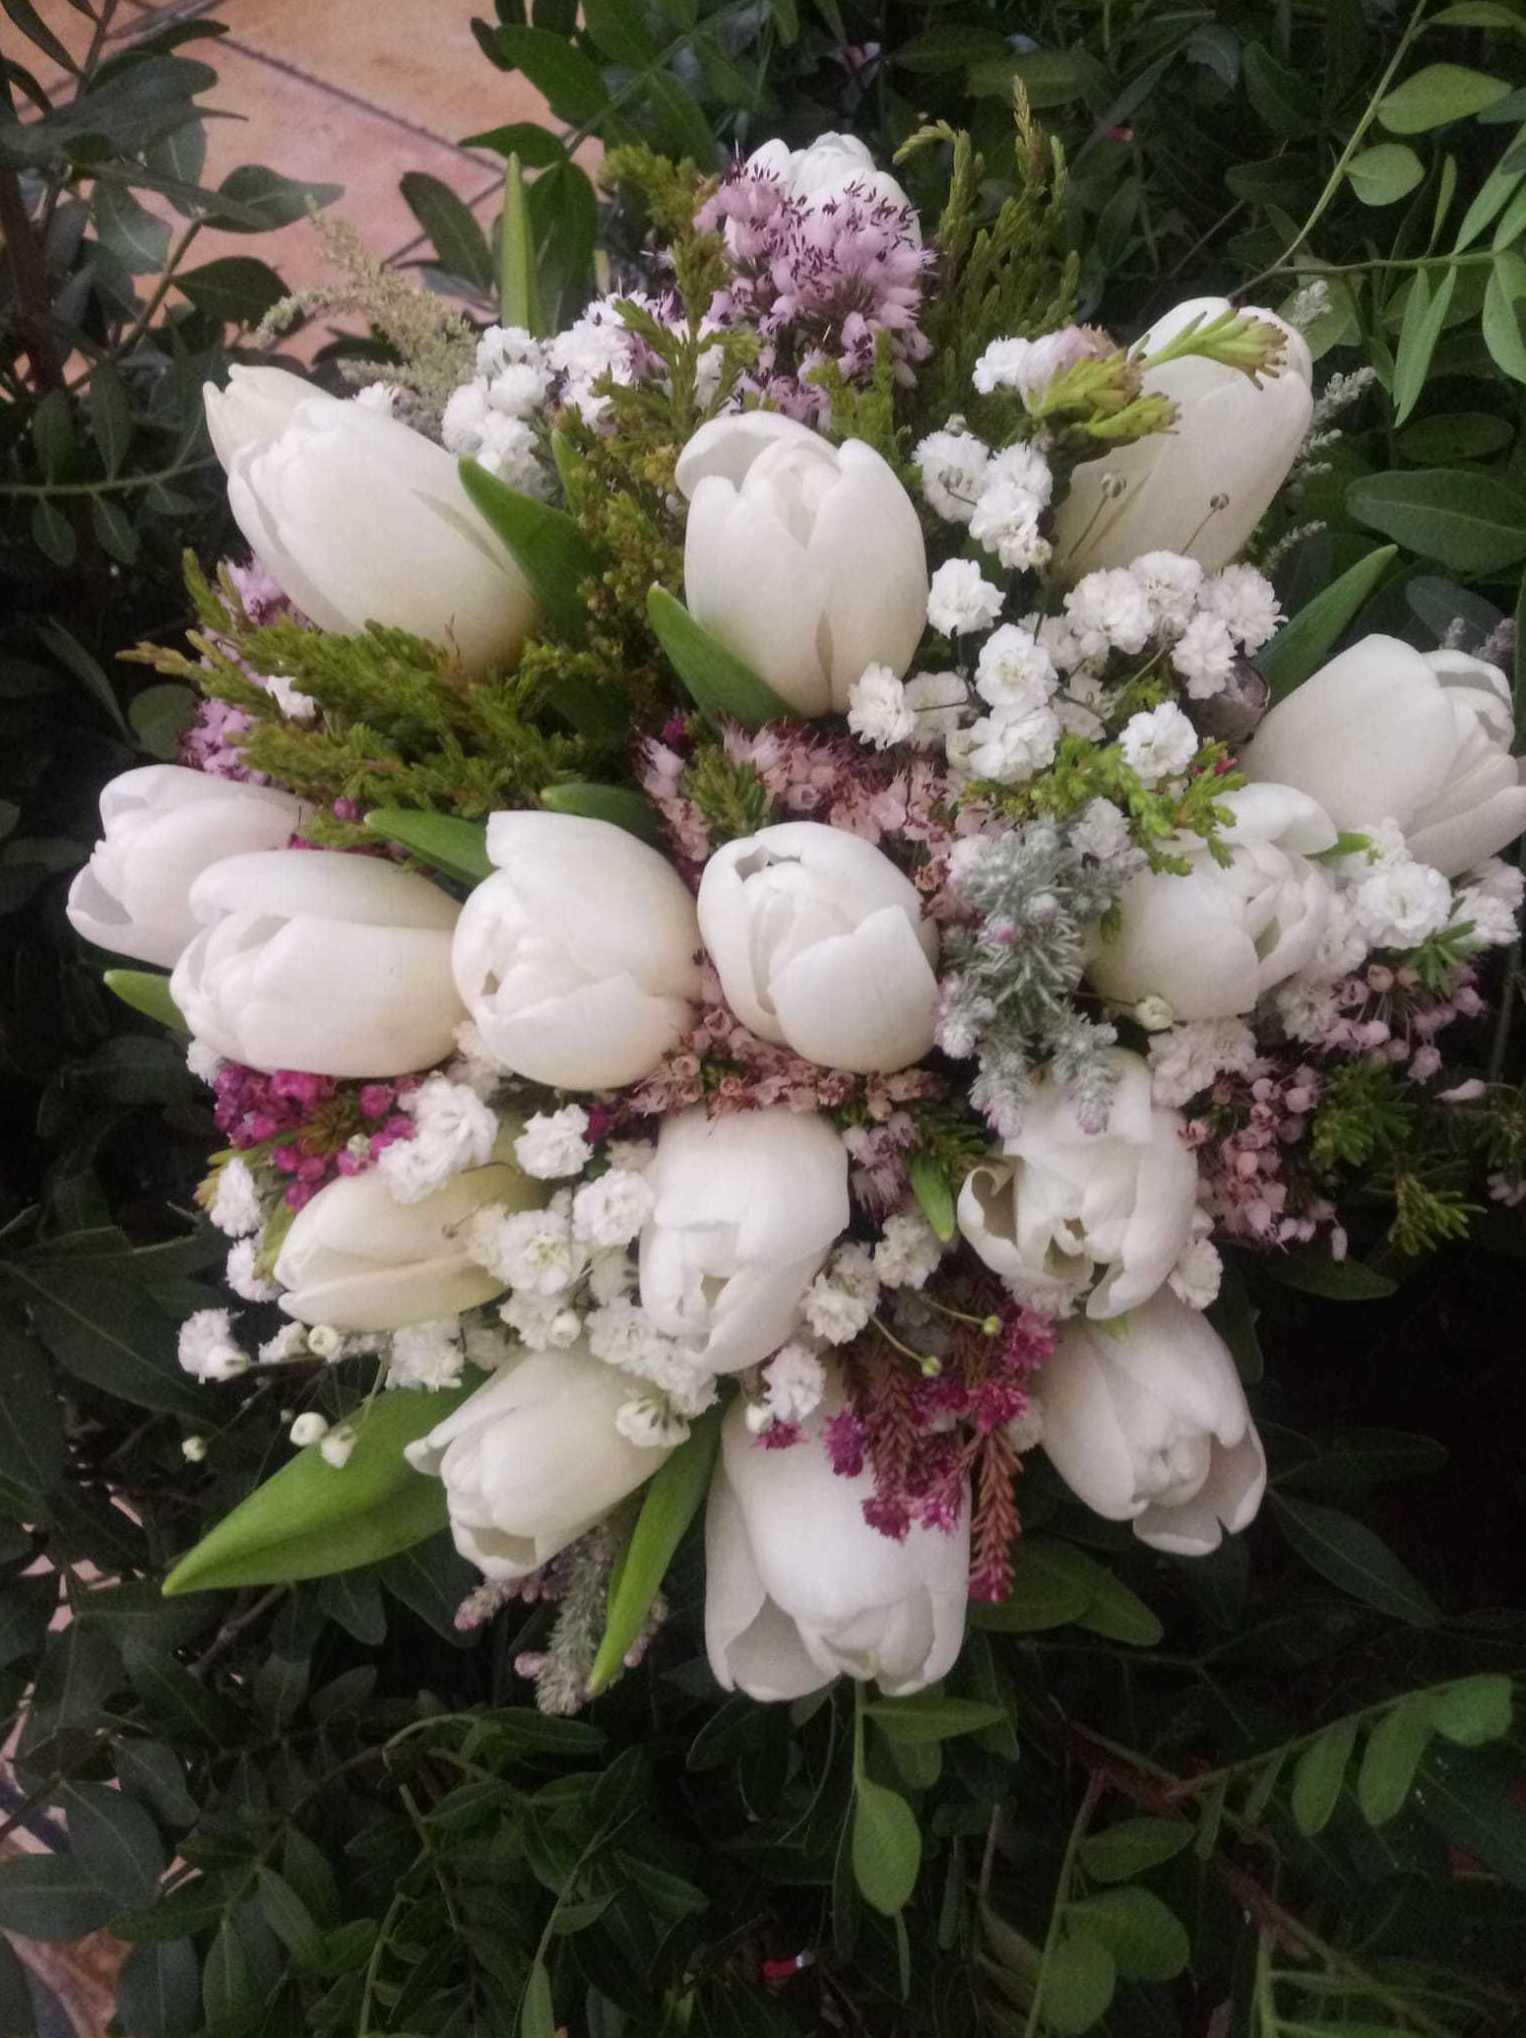 Foto 20 de Decoraciones florales en  | Floristería Abolengo